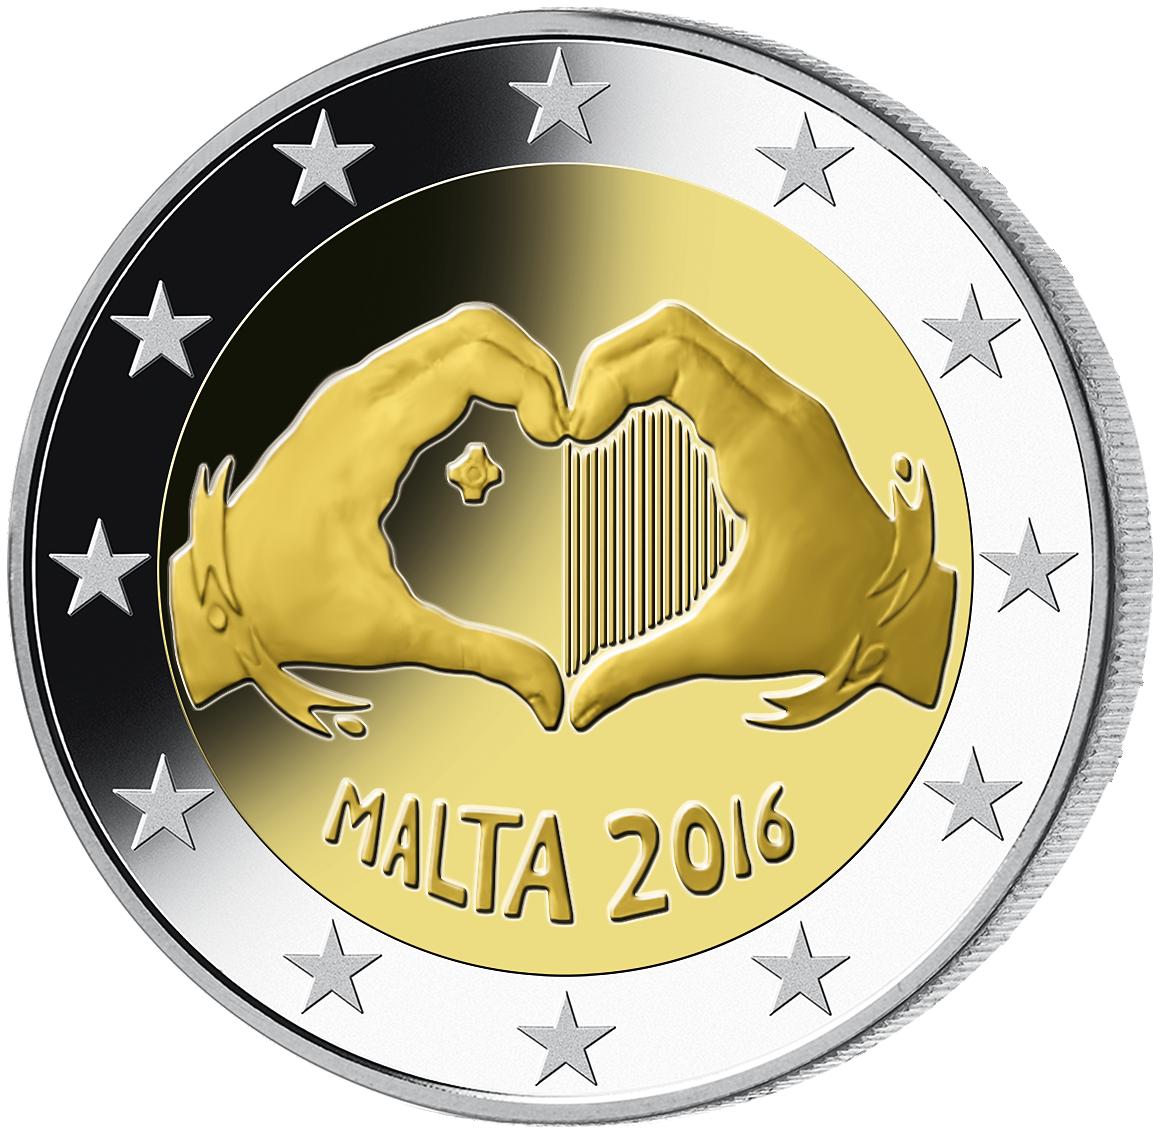 2 Euro Münze Malta Liebe 2016 Bfr Münzen Günstigerde